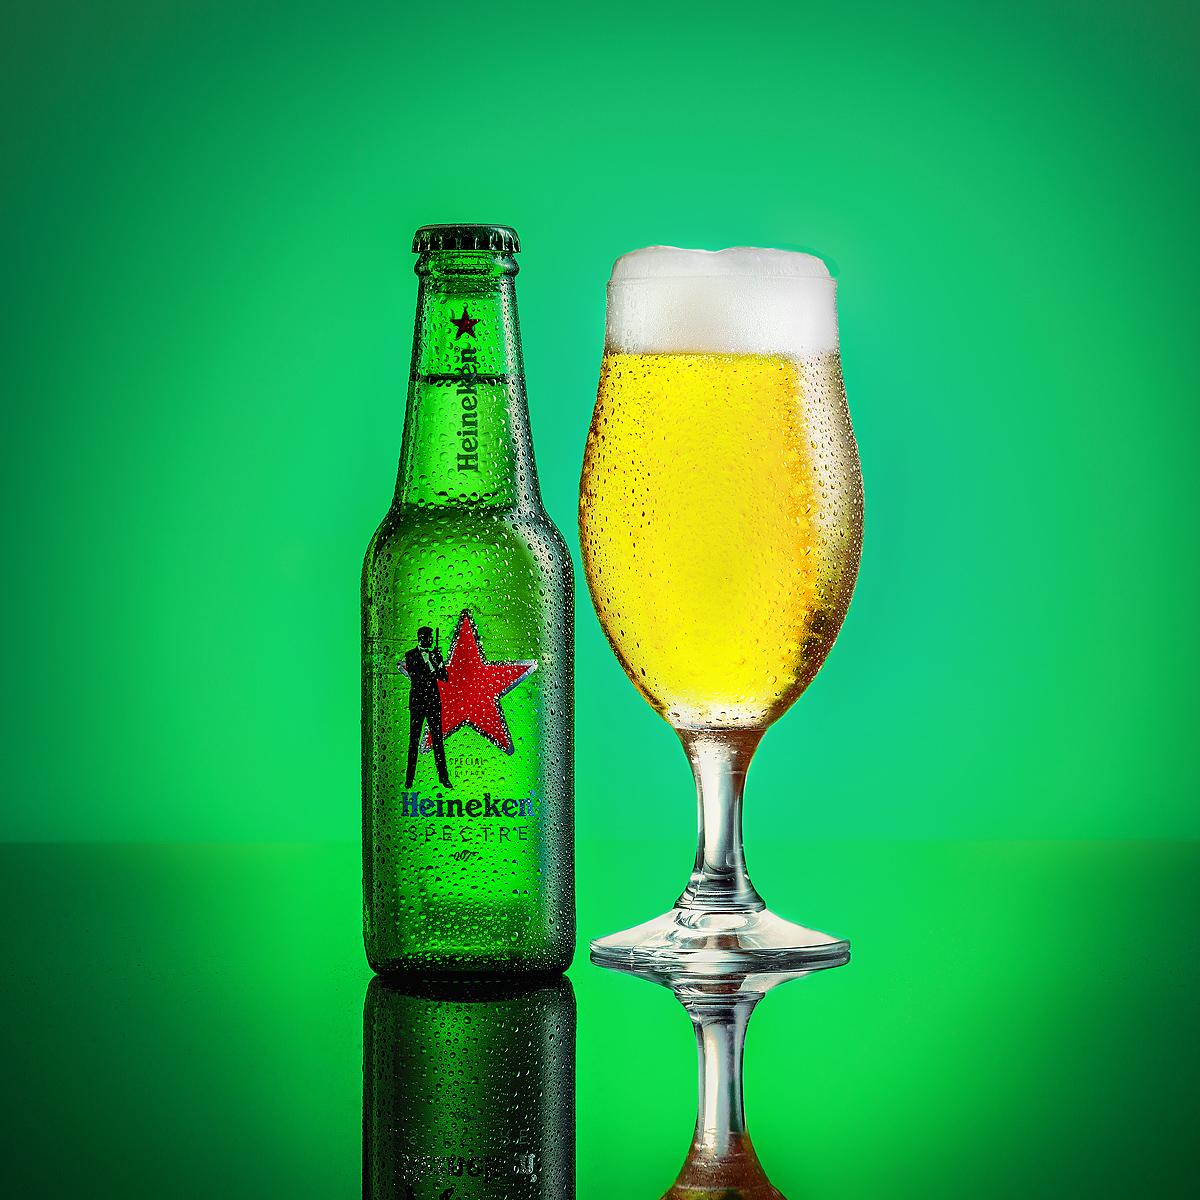 akp_Heineken.jpg